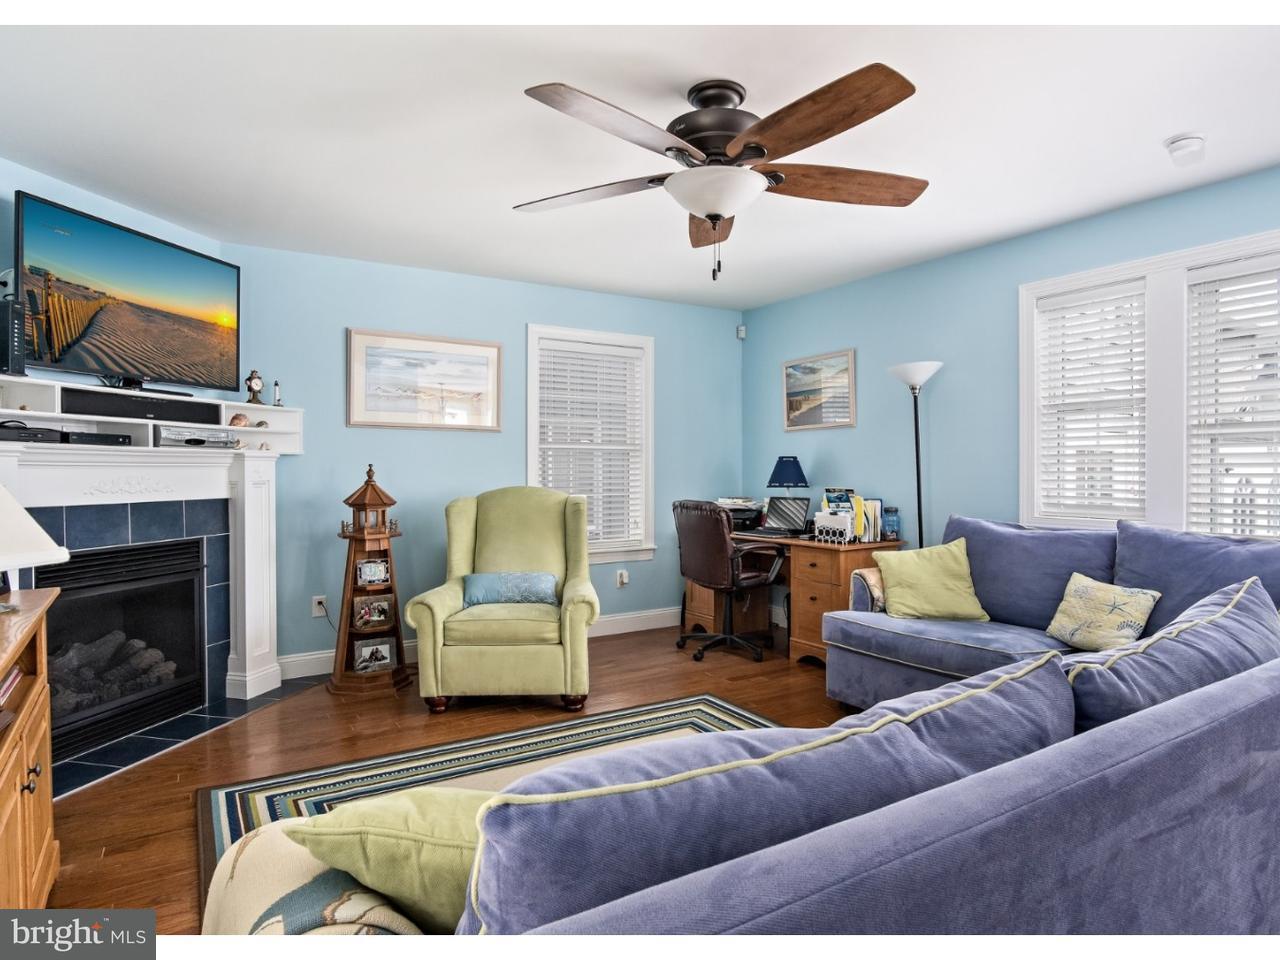 Casa unifamiliar adosada (Townhouse) por un Venta en 504 E 13TH AVE #C North Wildwood, Nueva Jersey 08260 Estados Unidos